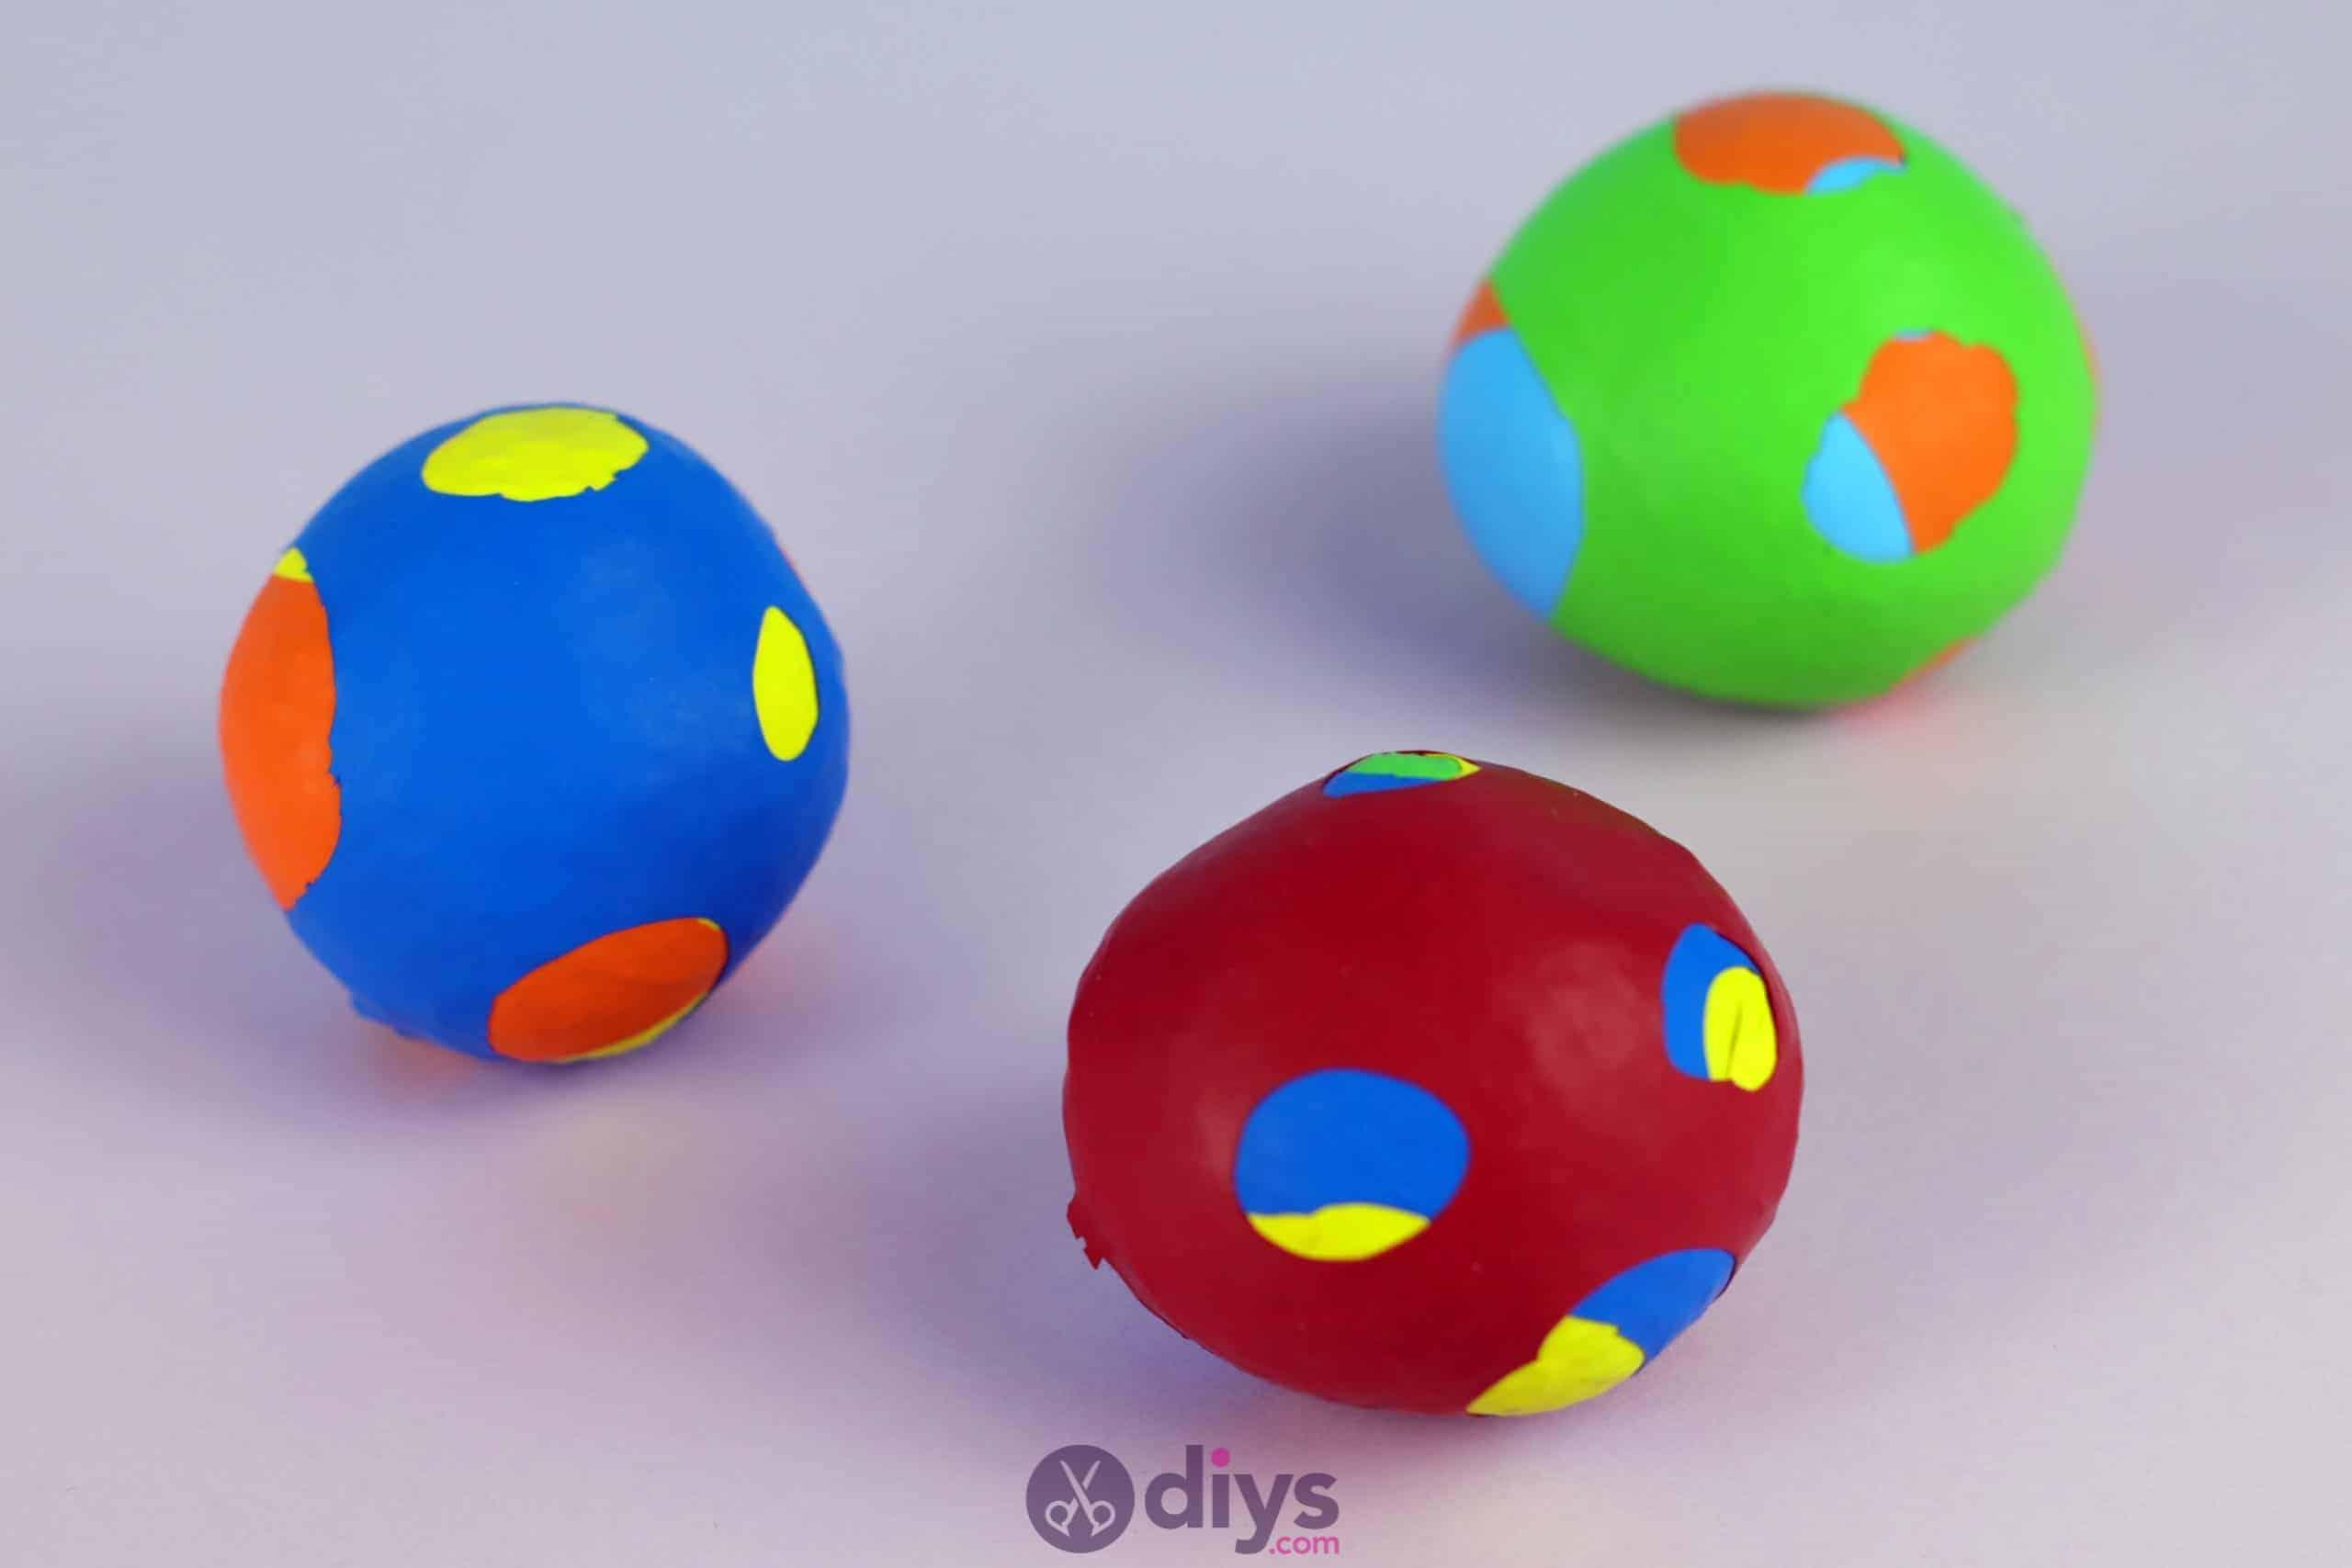 Diy juggling balls colorful